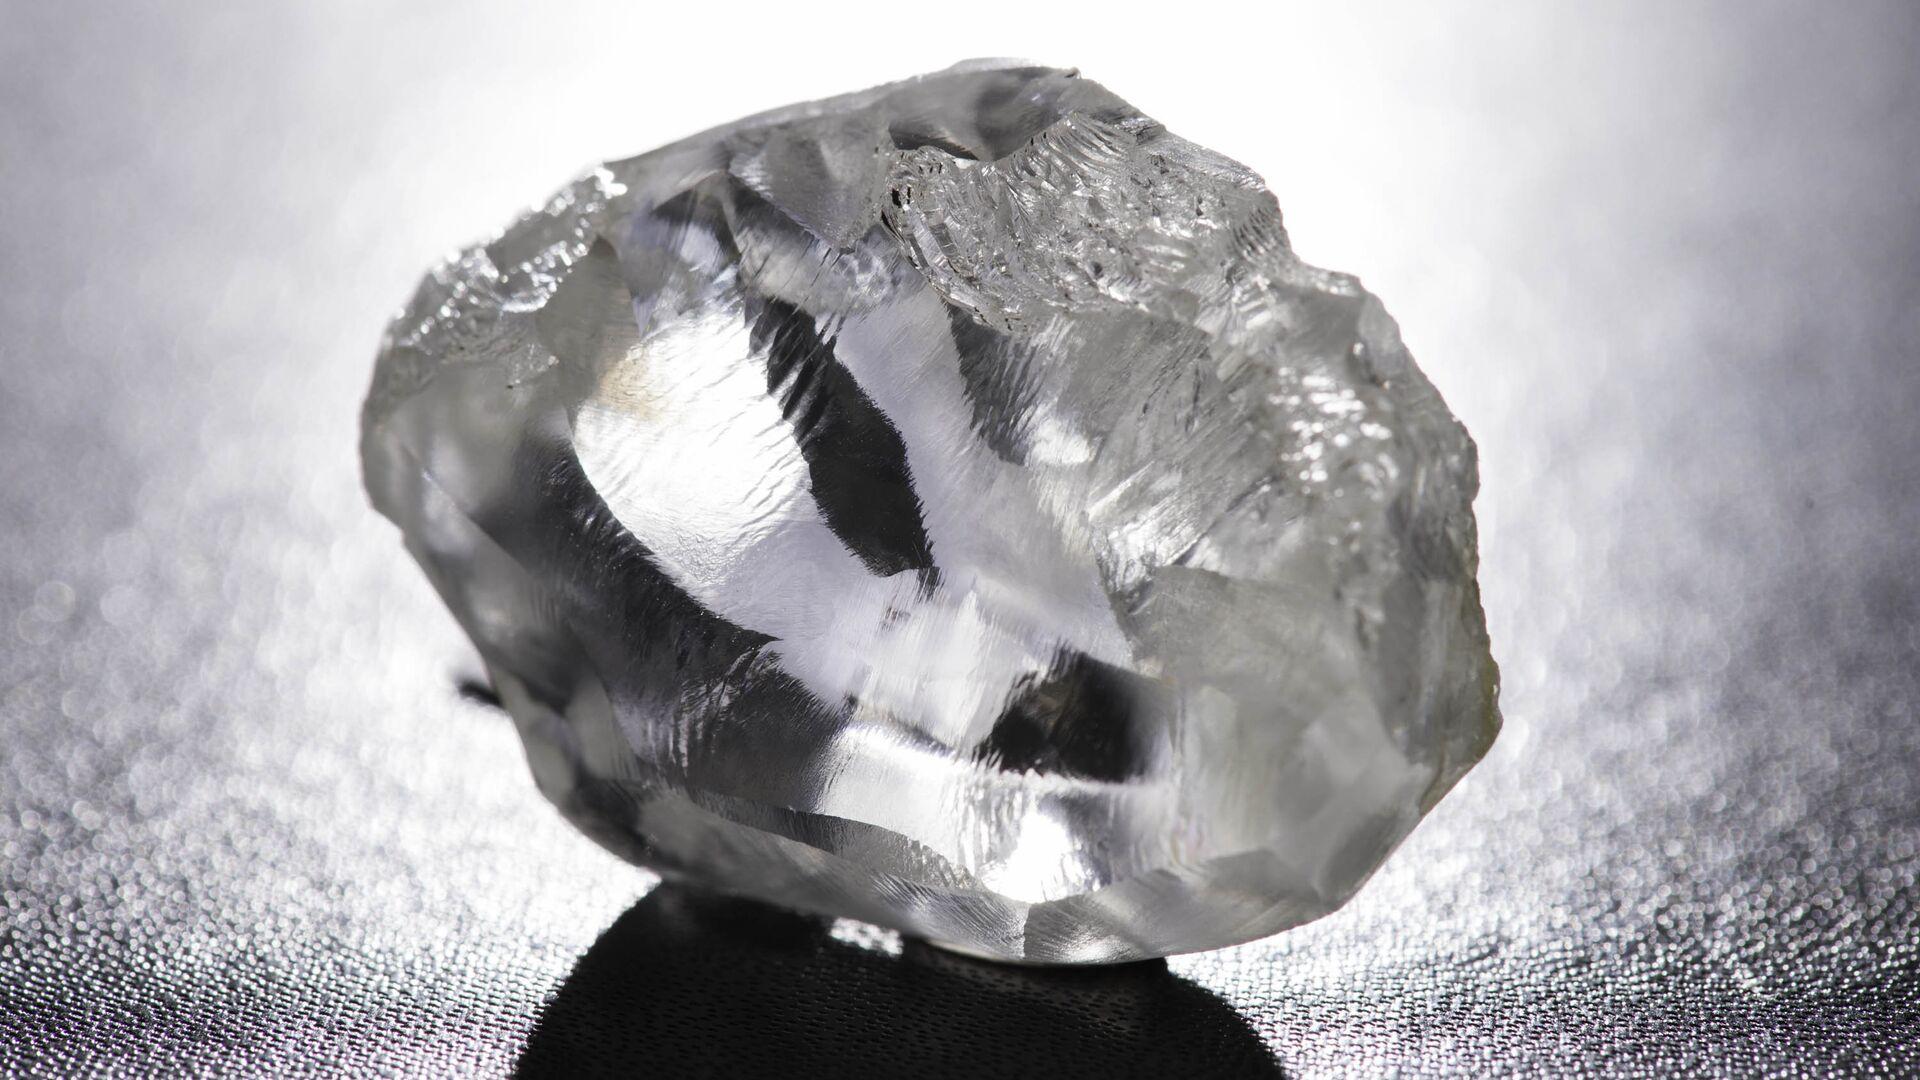 Алмаз из месторождения Куллинан в ЮАР - РИА Новости, 1920, 09.11.2020